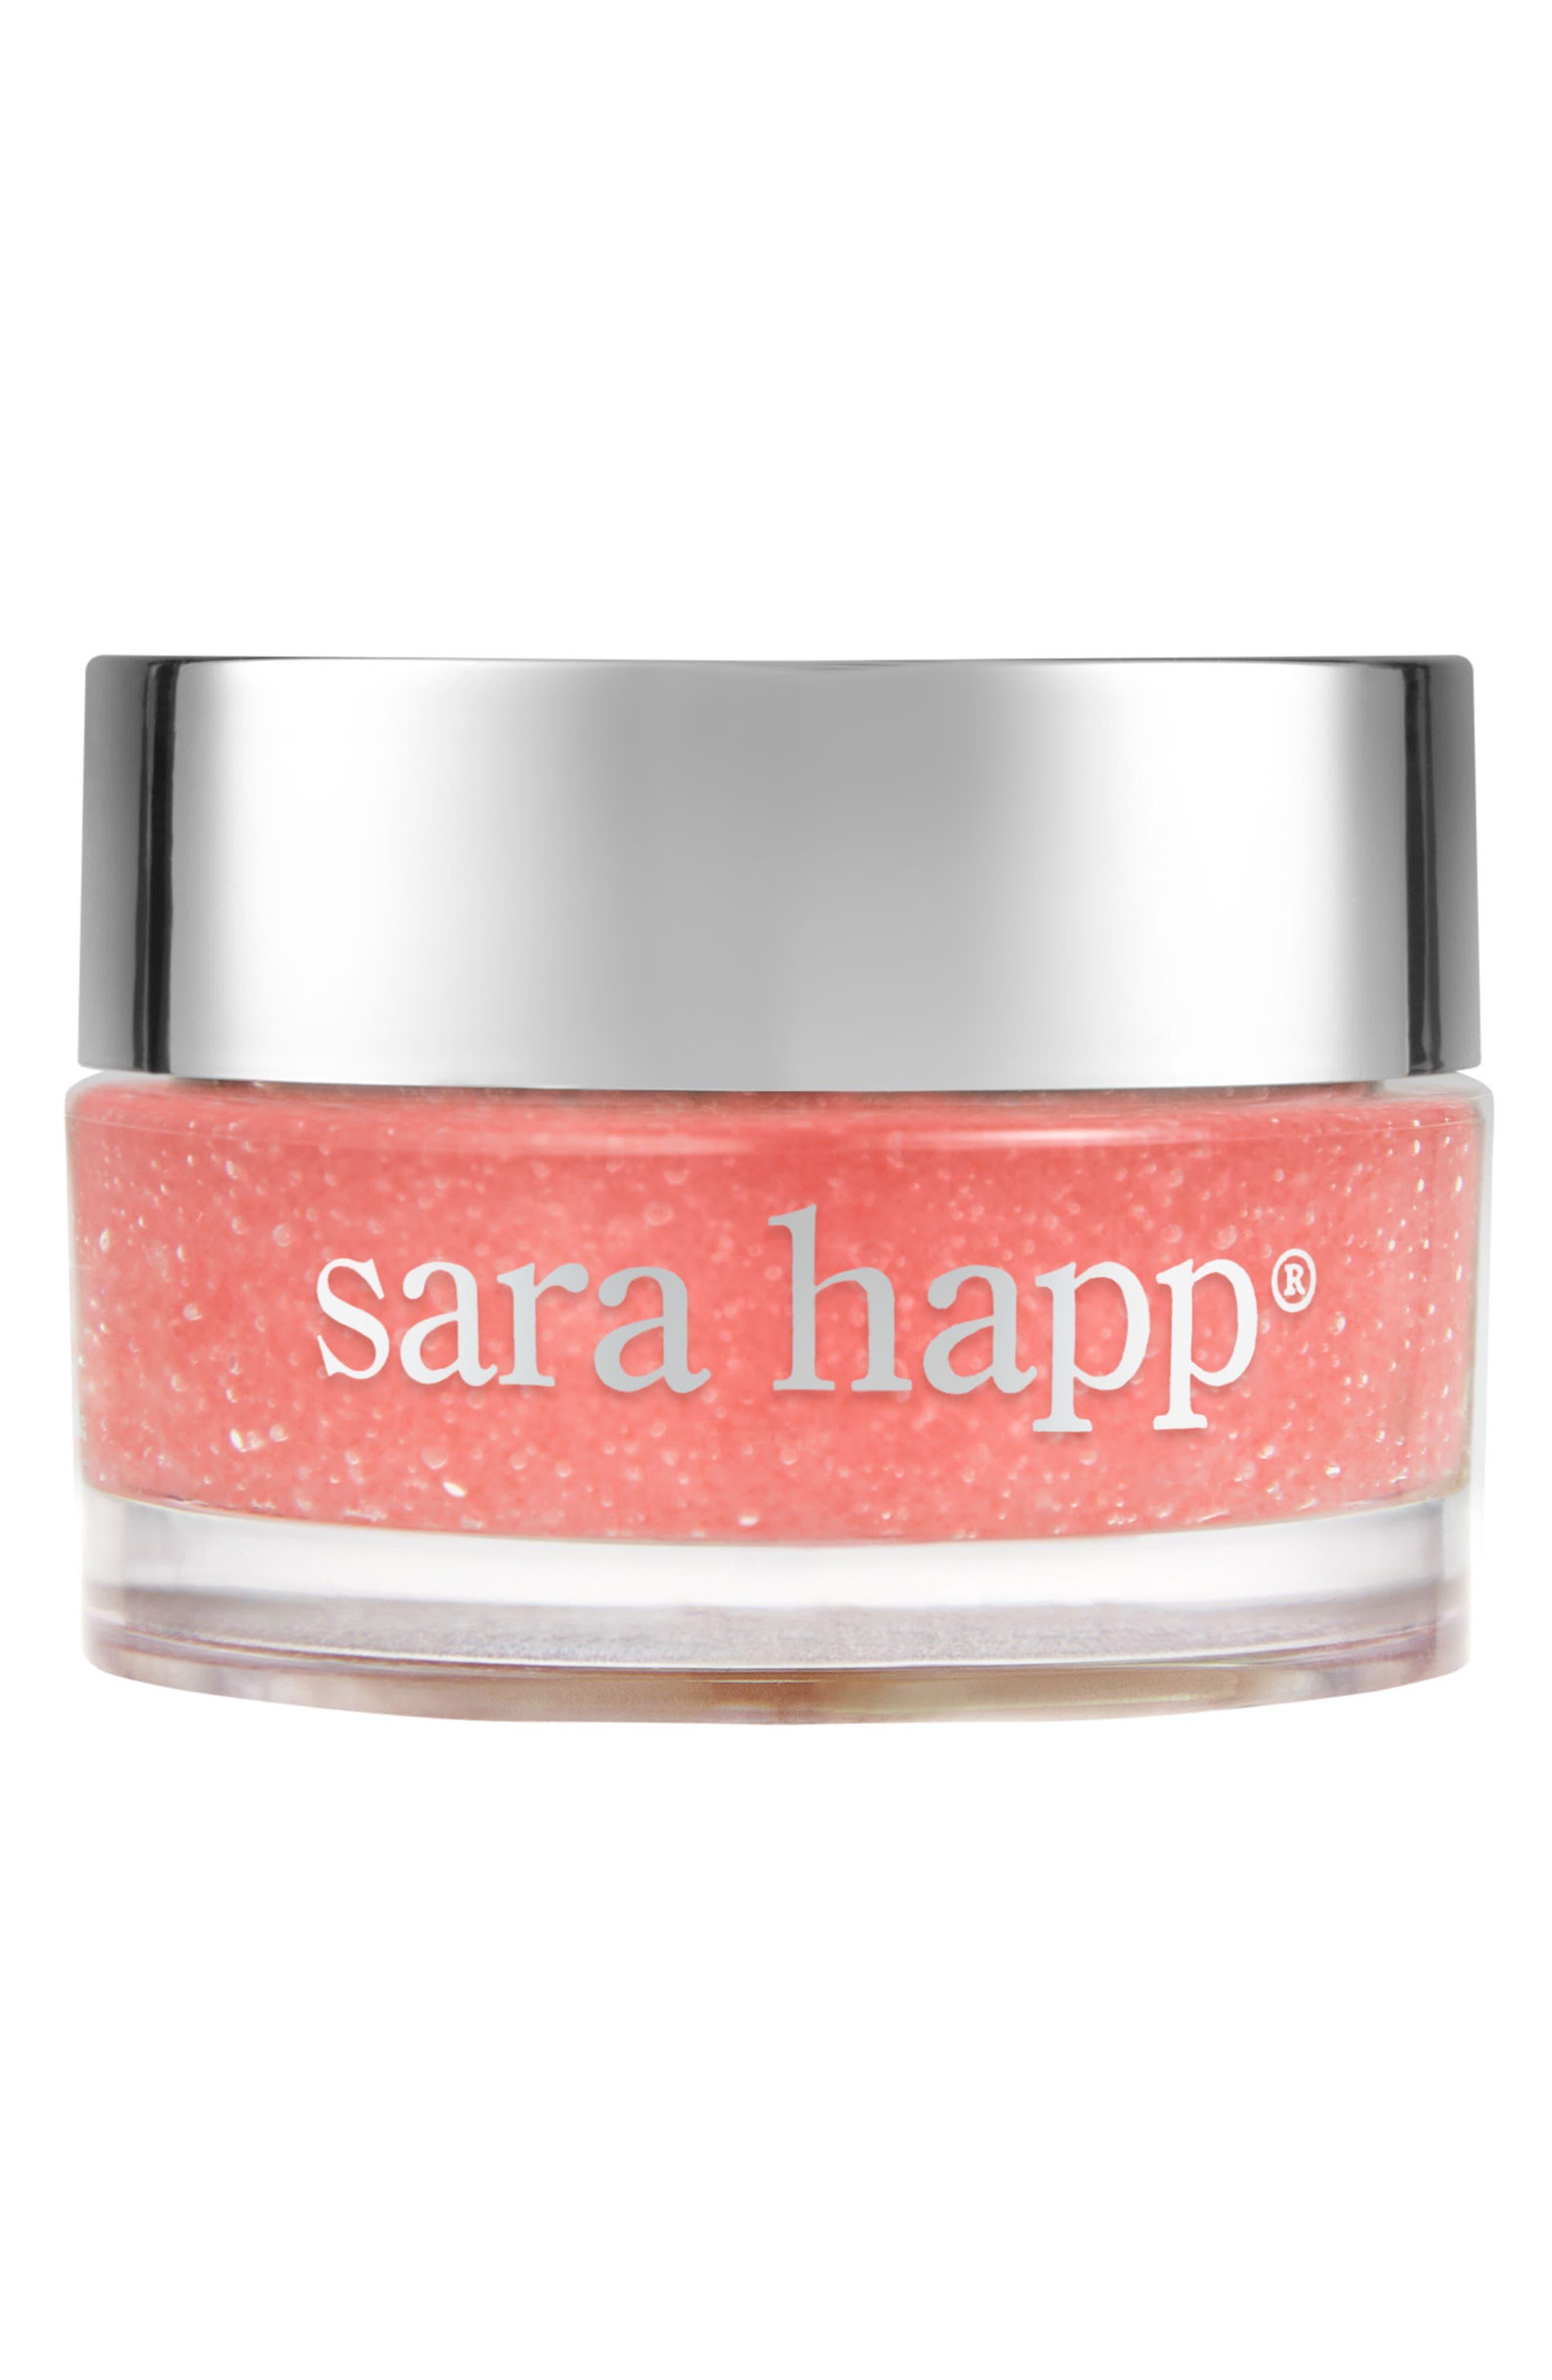 sara happ® The Lip Scrub™